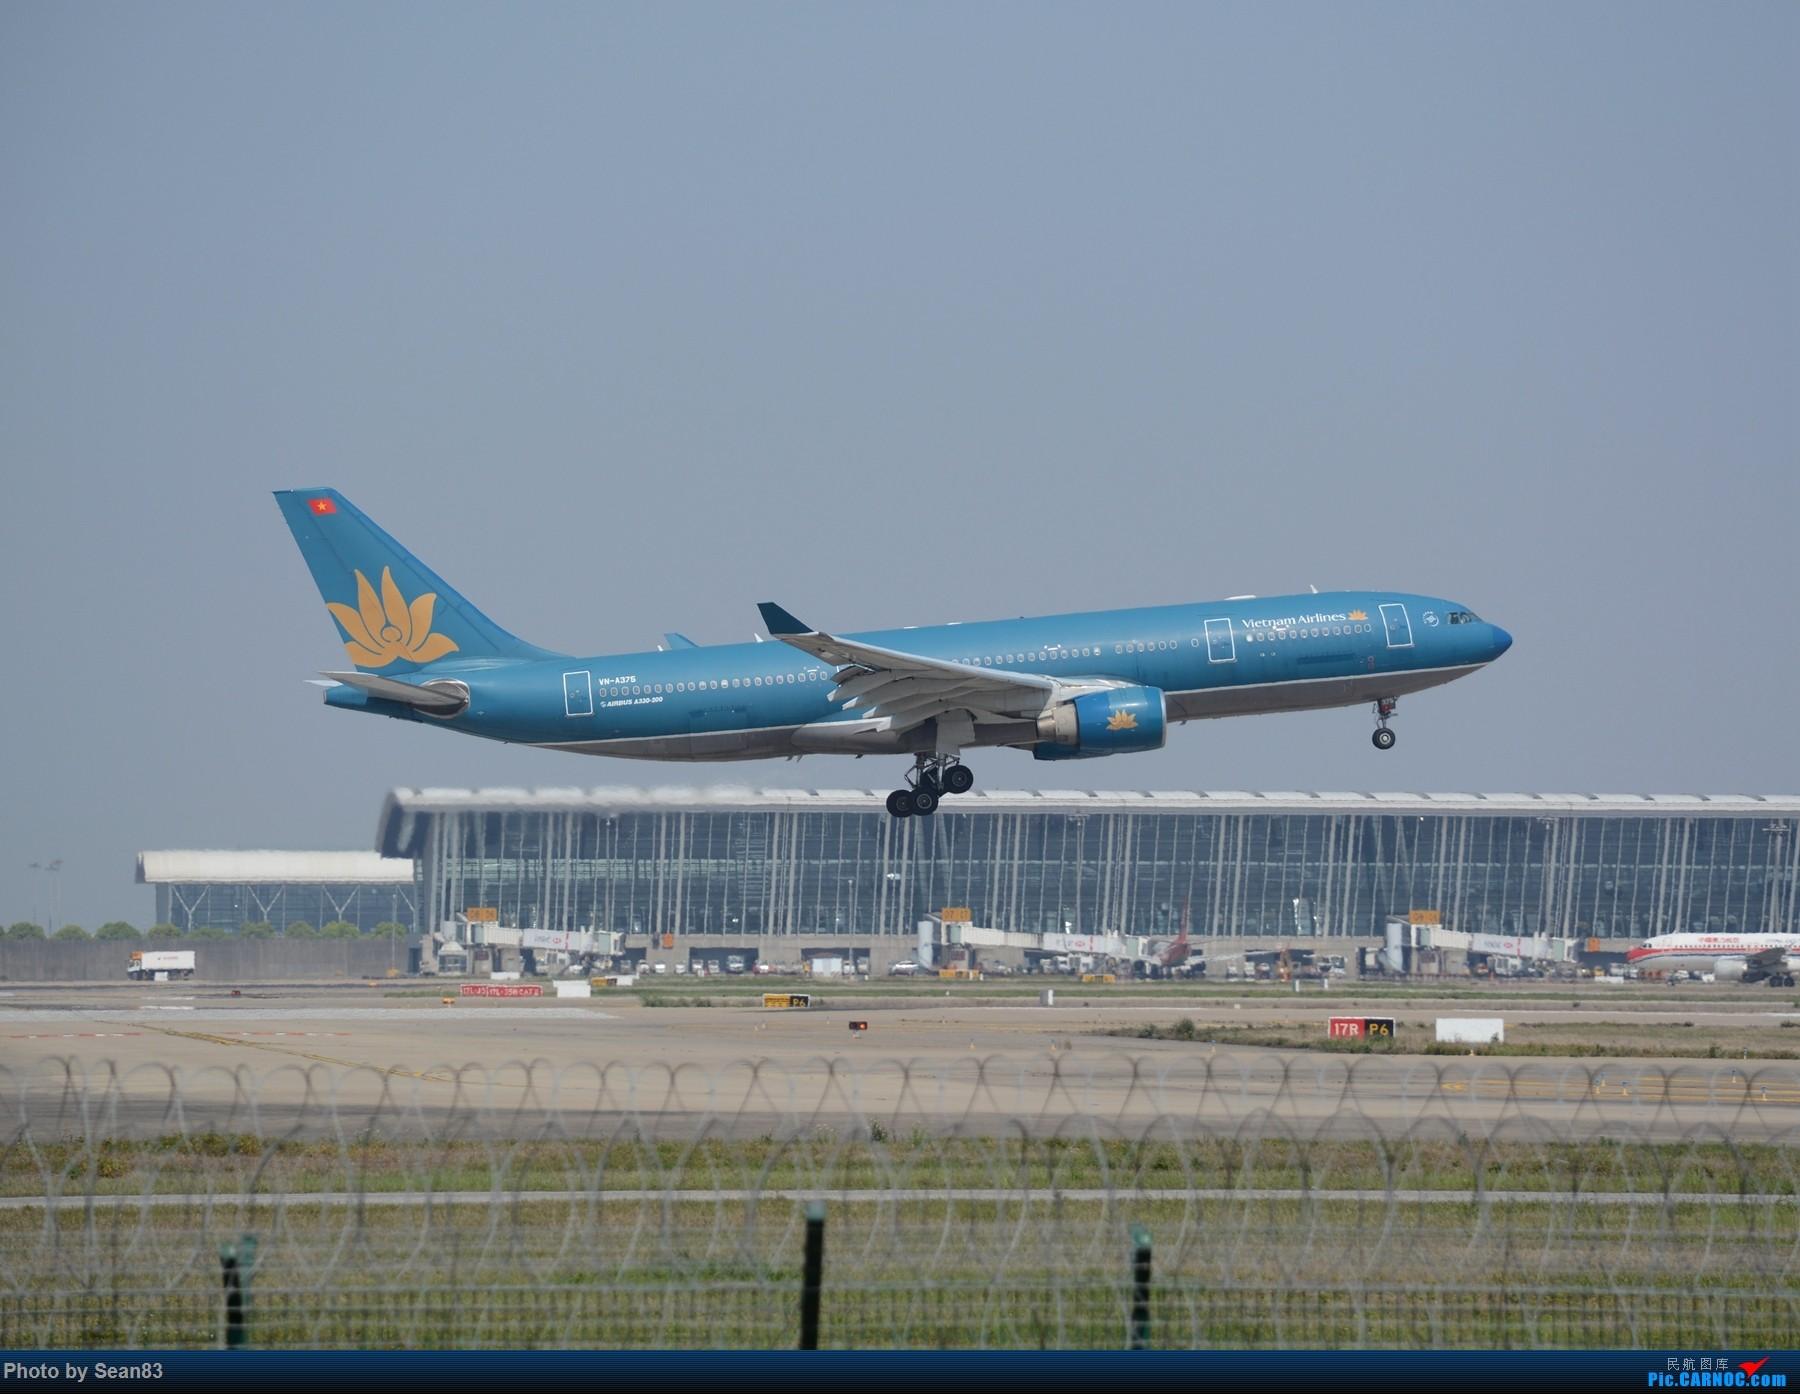 [原创]浦东外国航司系列(首发1800*) AIRBUS A320-200 VN-A376 中国上海浦东国际机场